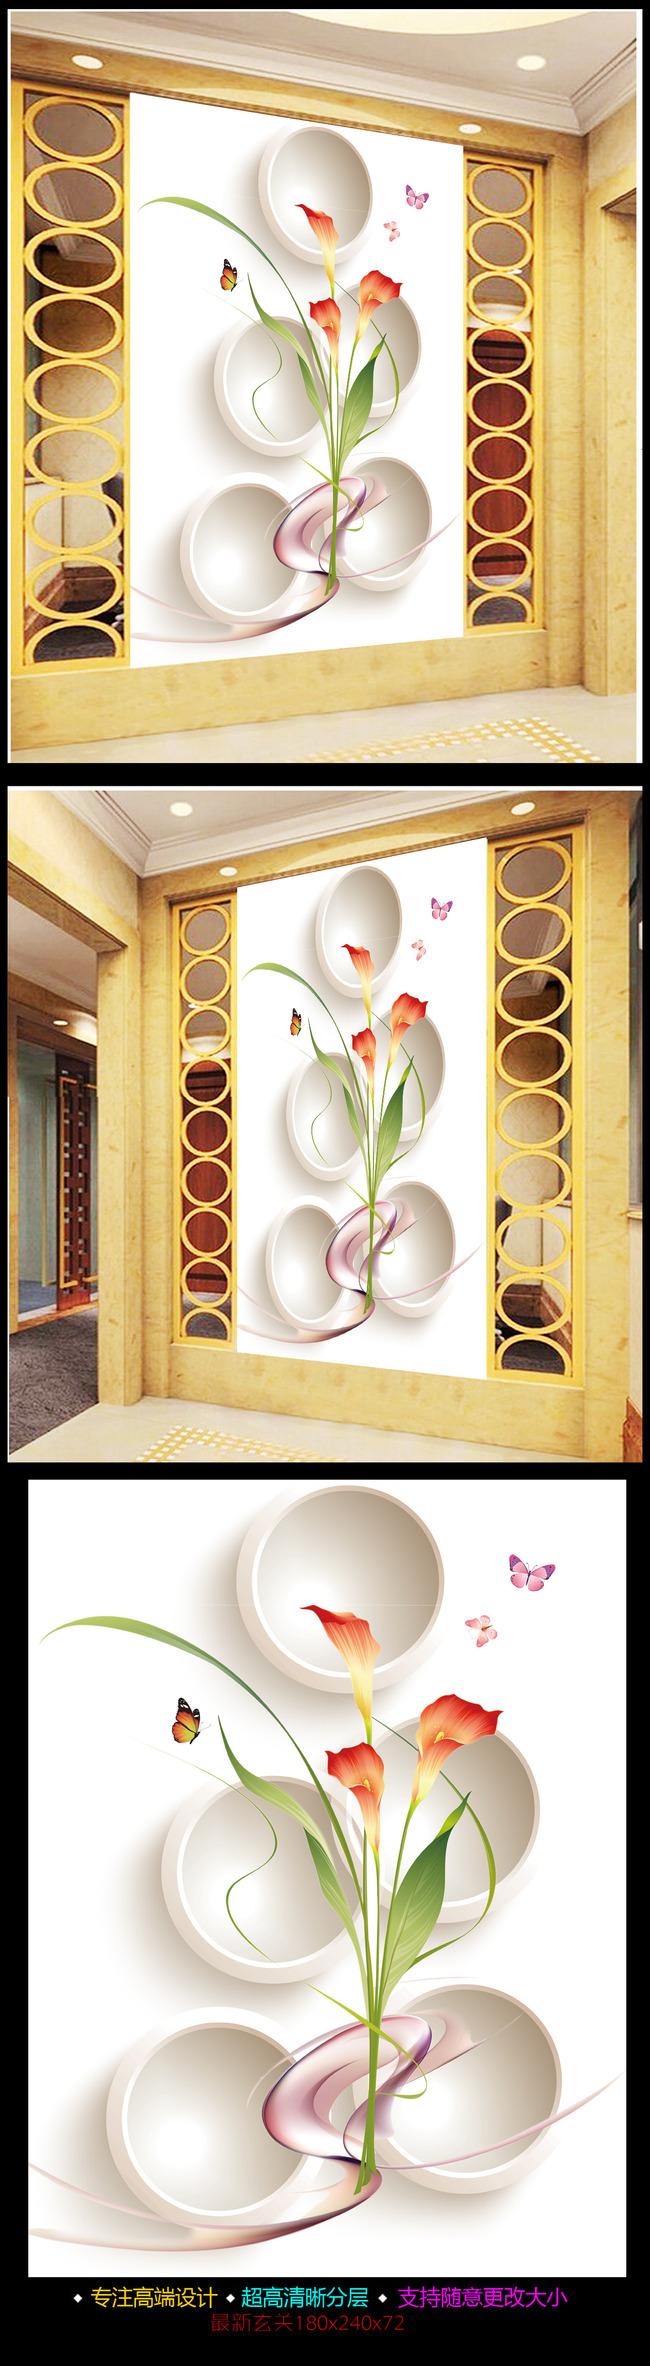 背景墙|装饰画 玄关 中式玄关 > 手绘马蹄莲玄关门厅背景墙  下一张&